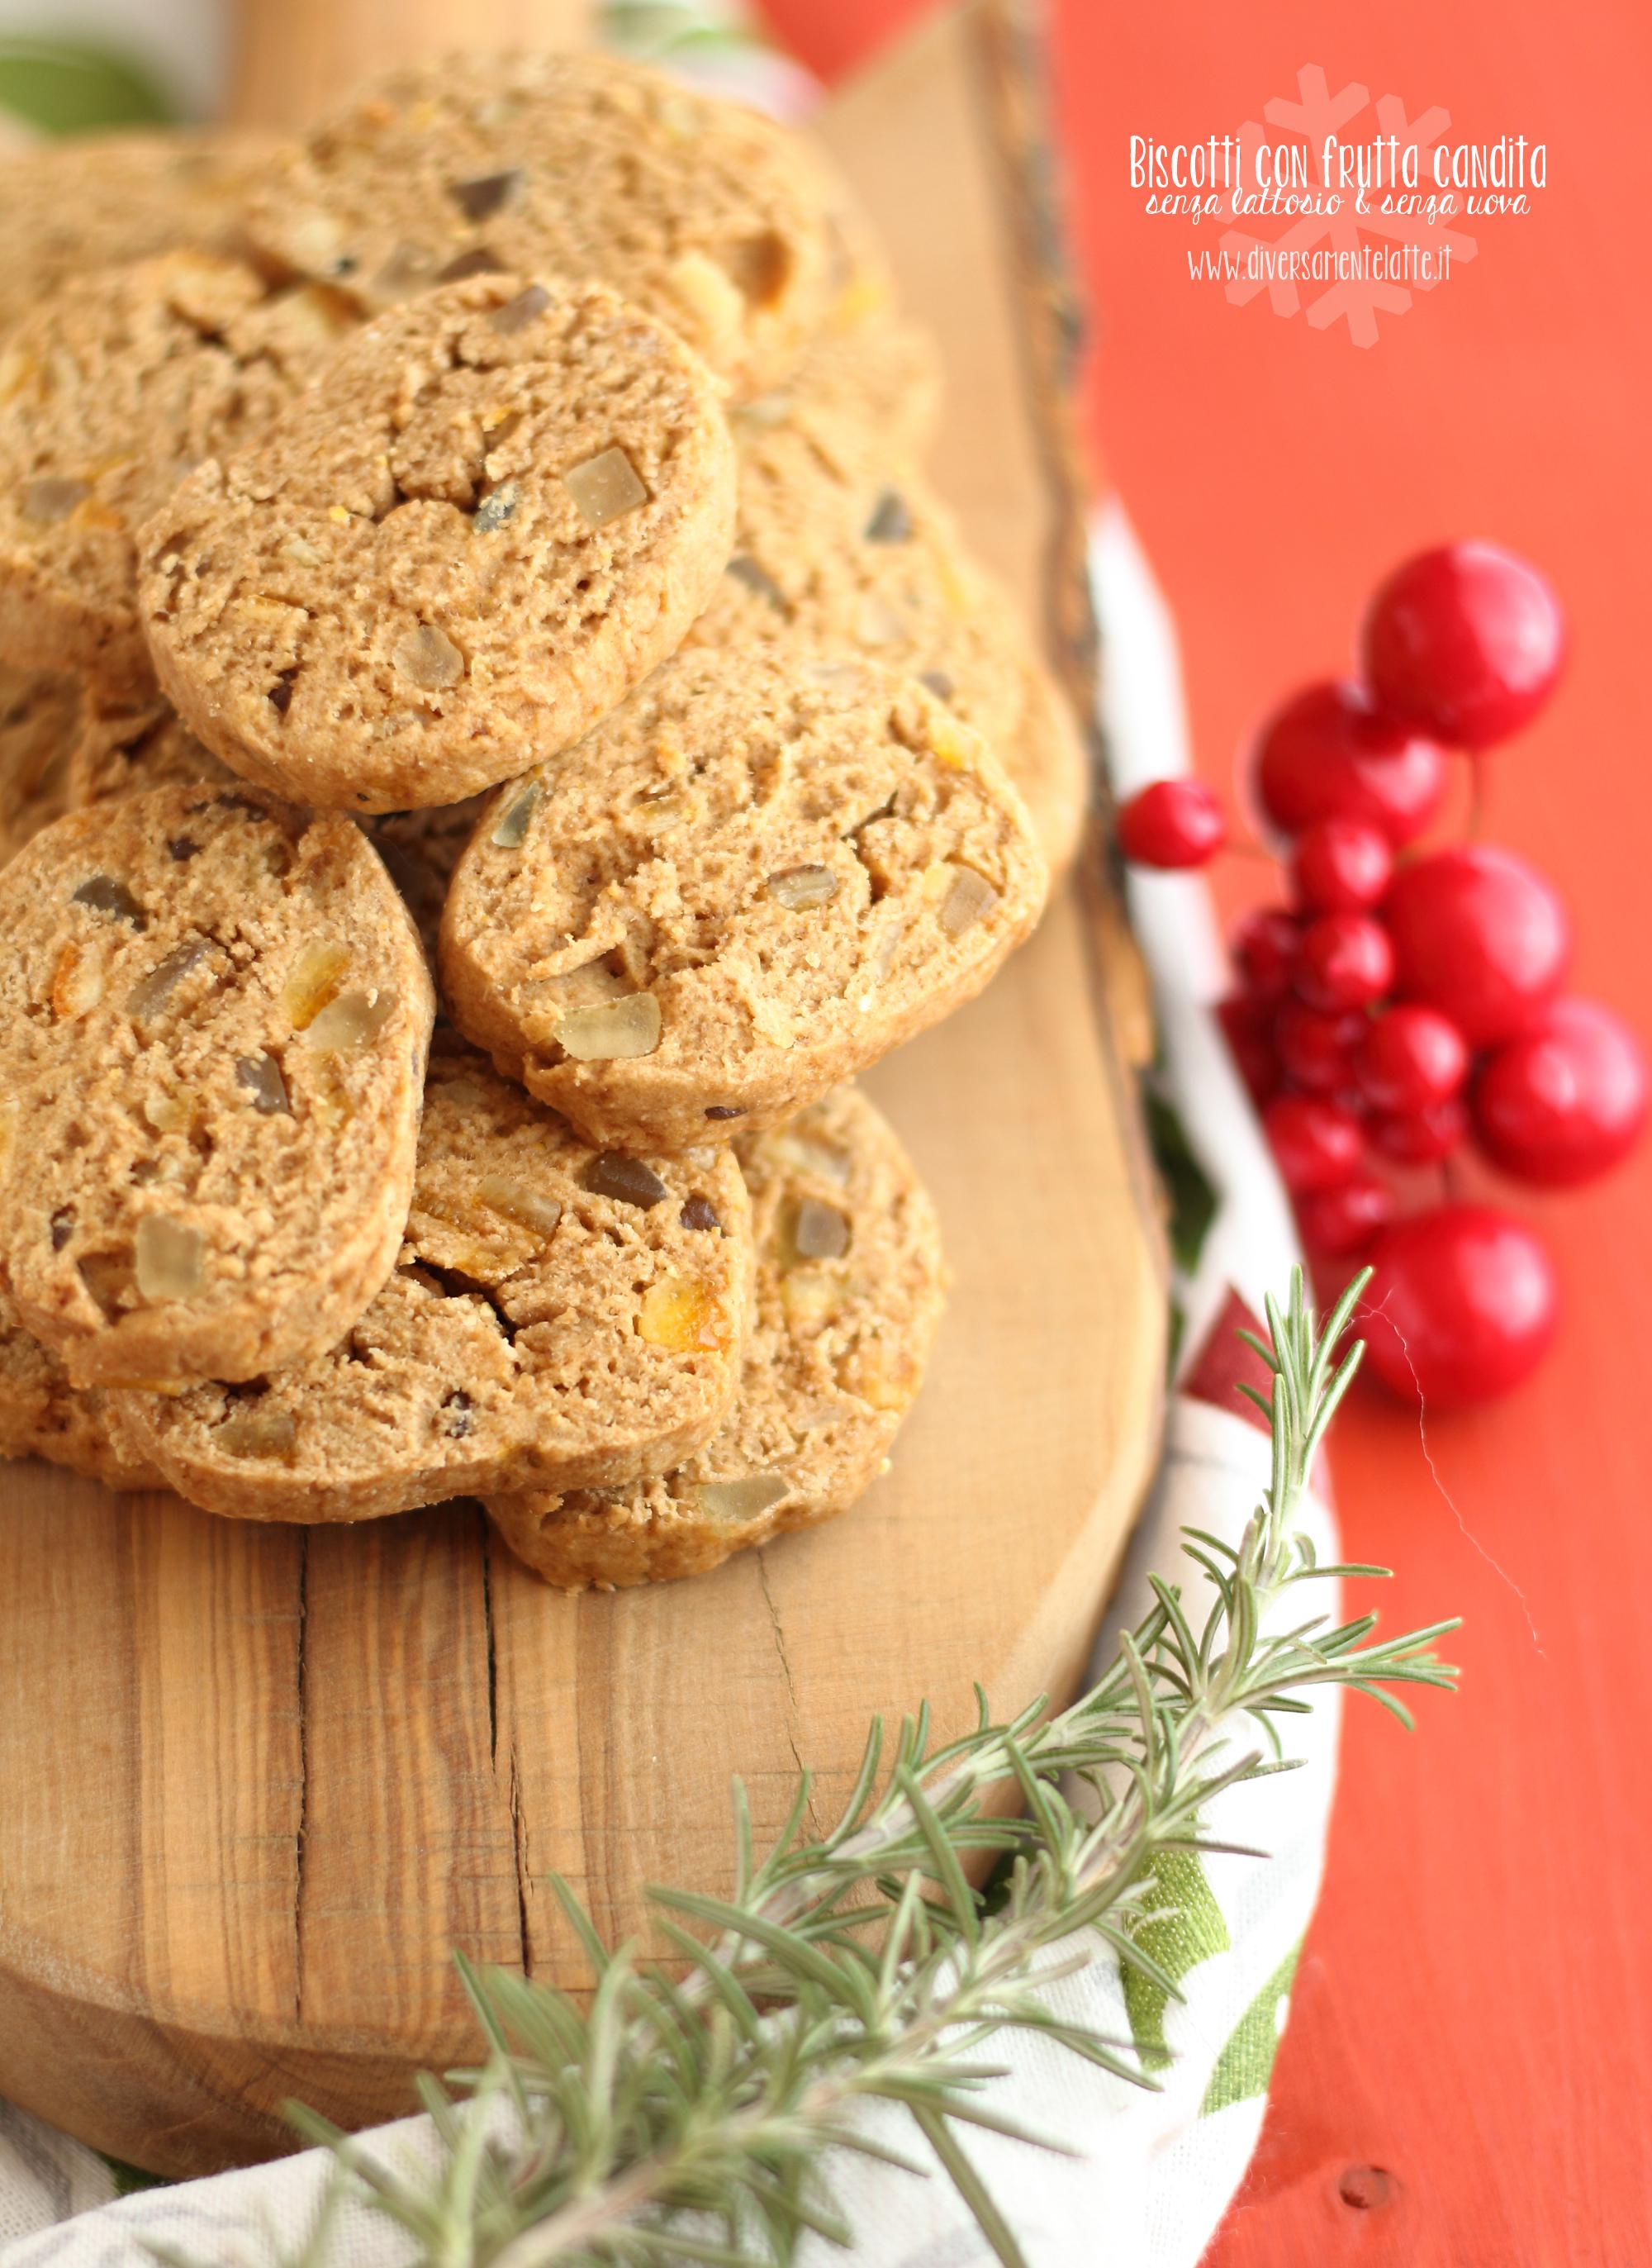 biscotti con frutta candita